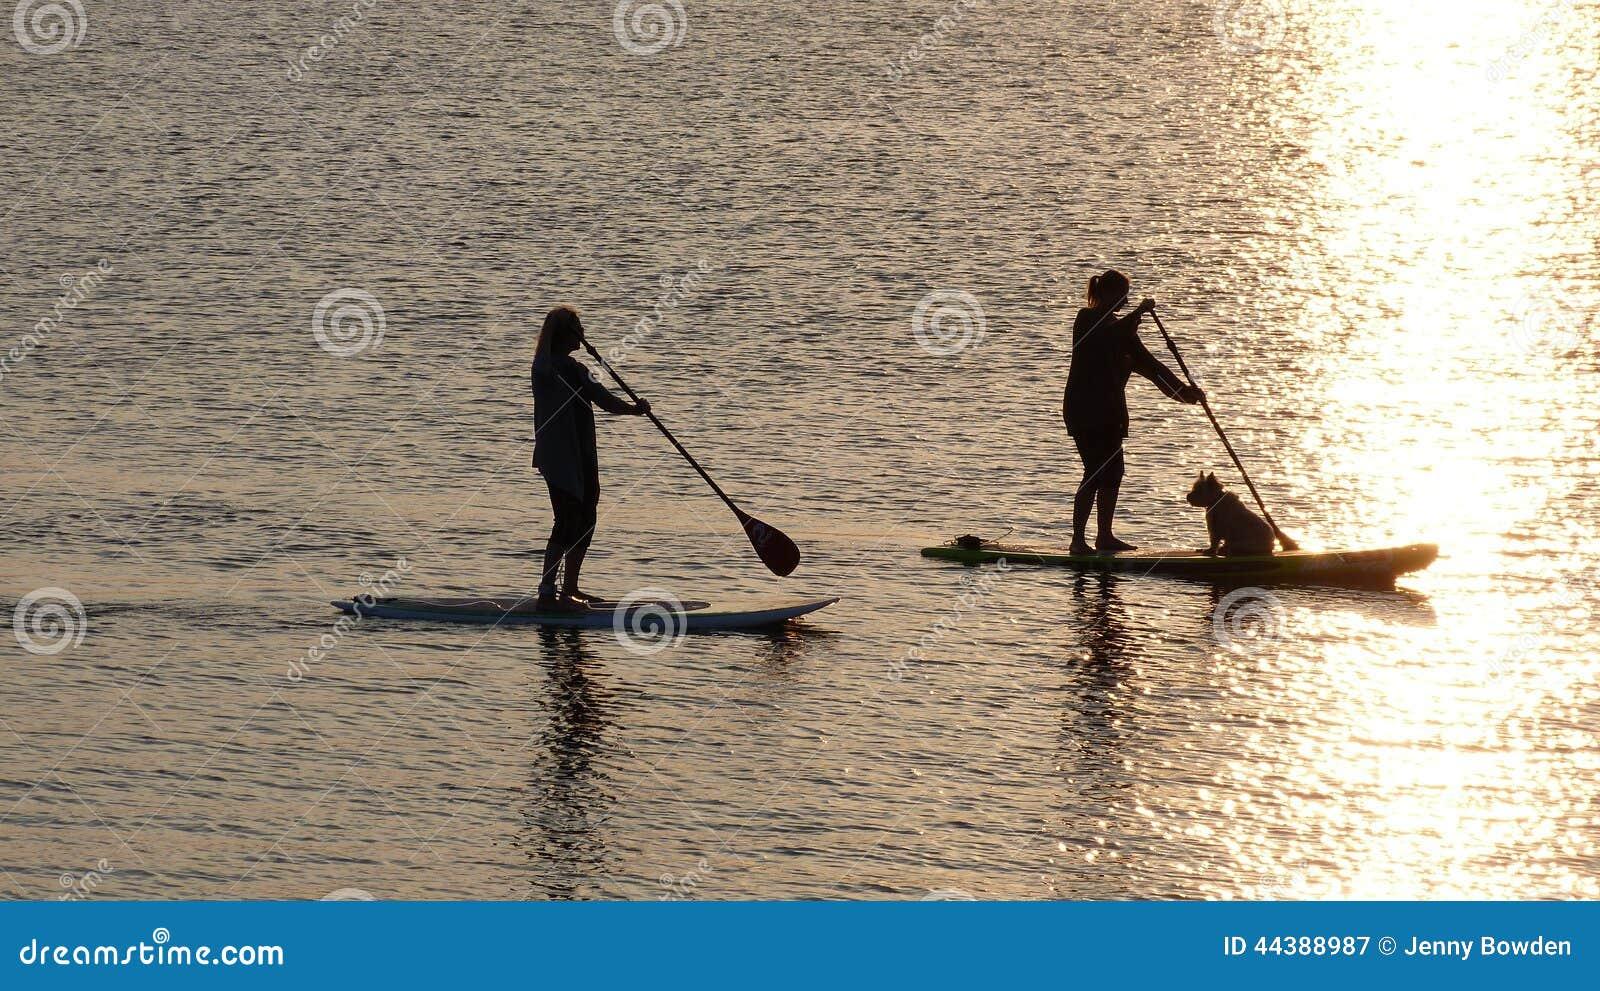 Dog Paddle Boarding Uk